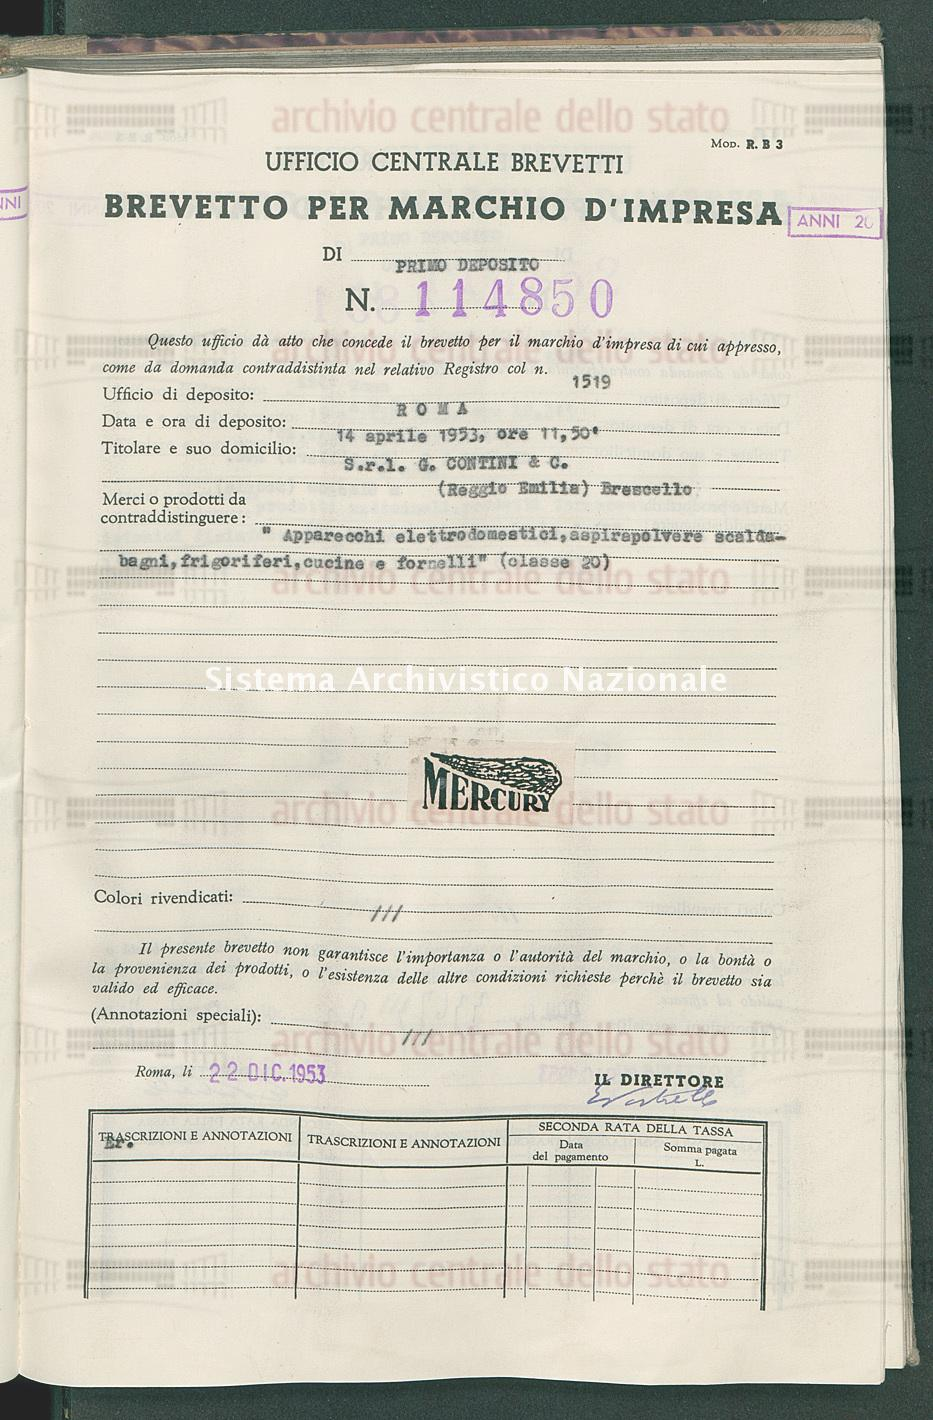 'Apparecchi elettrodomestici, aspirapolvere scaldabagni, frigoriferi, S.R.L. G.Contini & C. (22/12/1953)